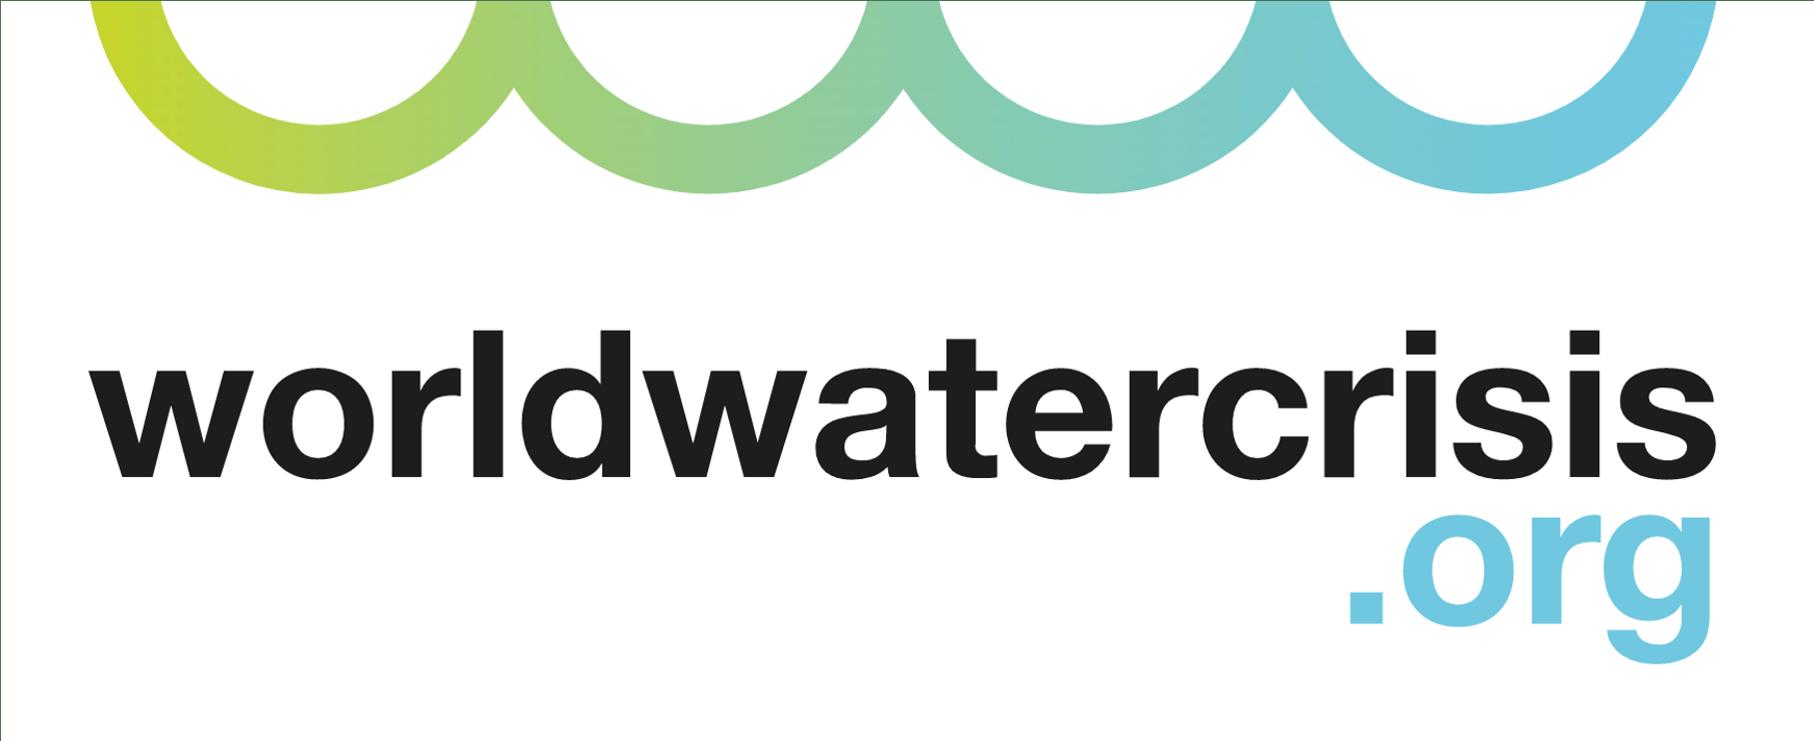 World water crisis logo